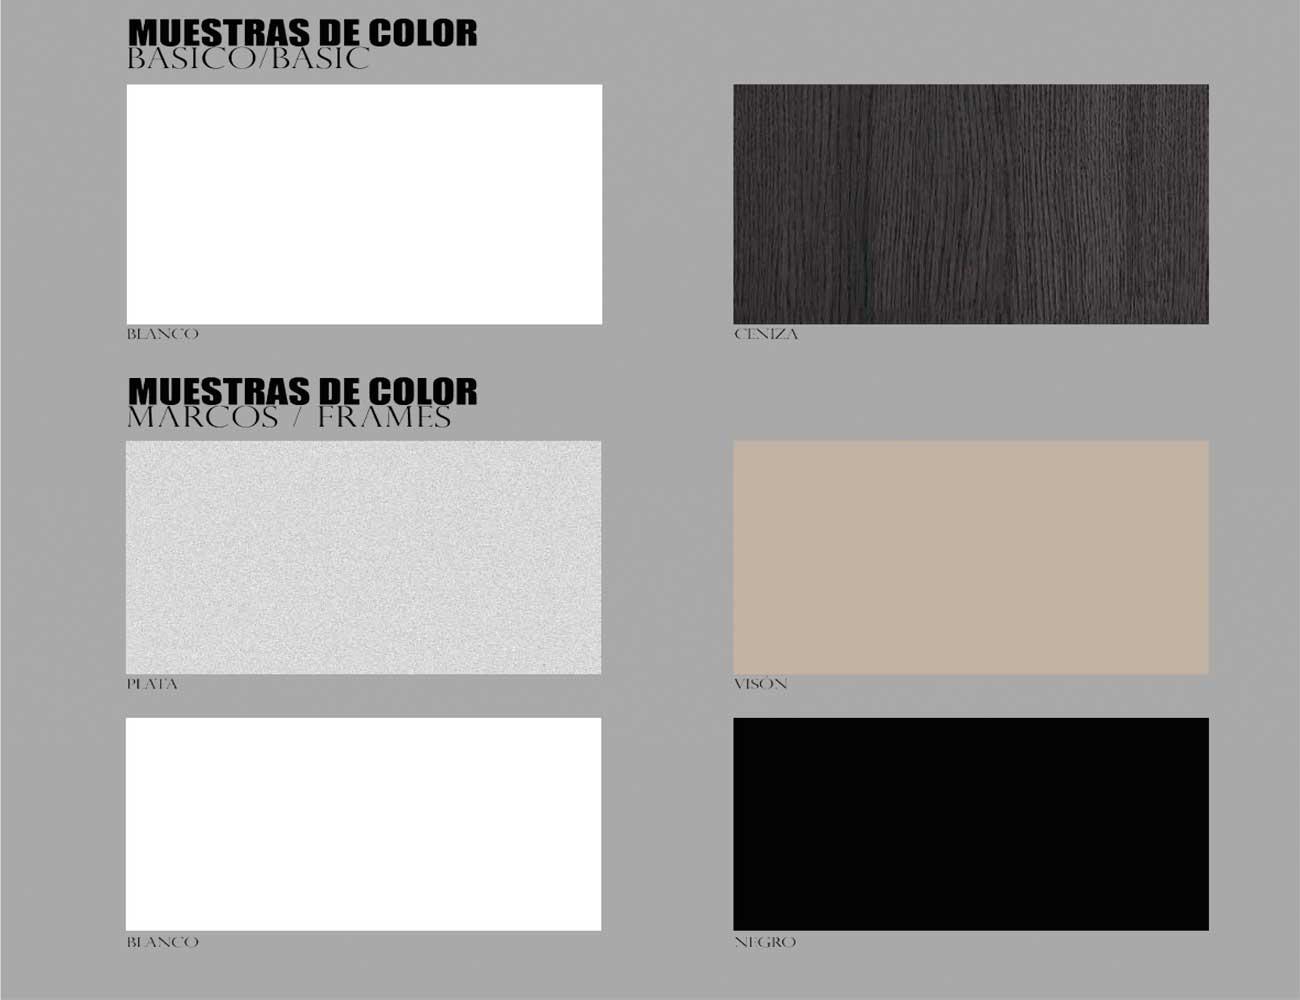 Colores tecnico1